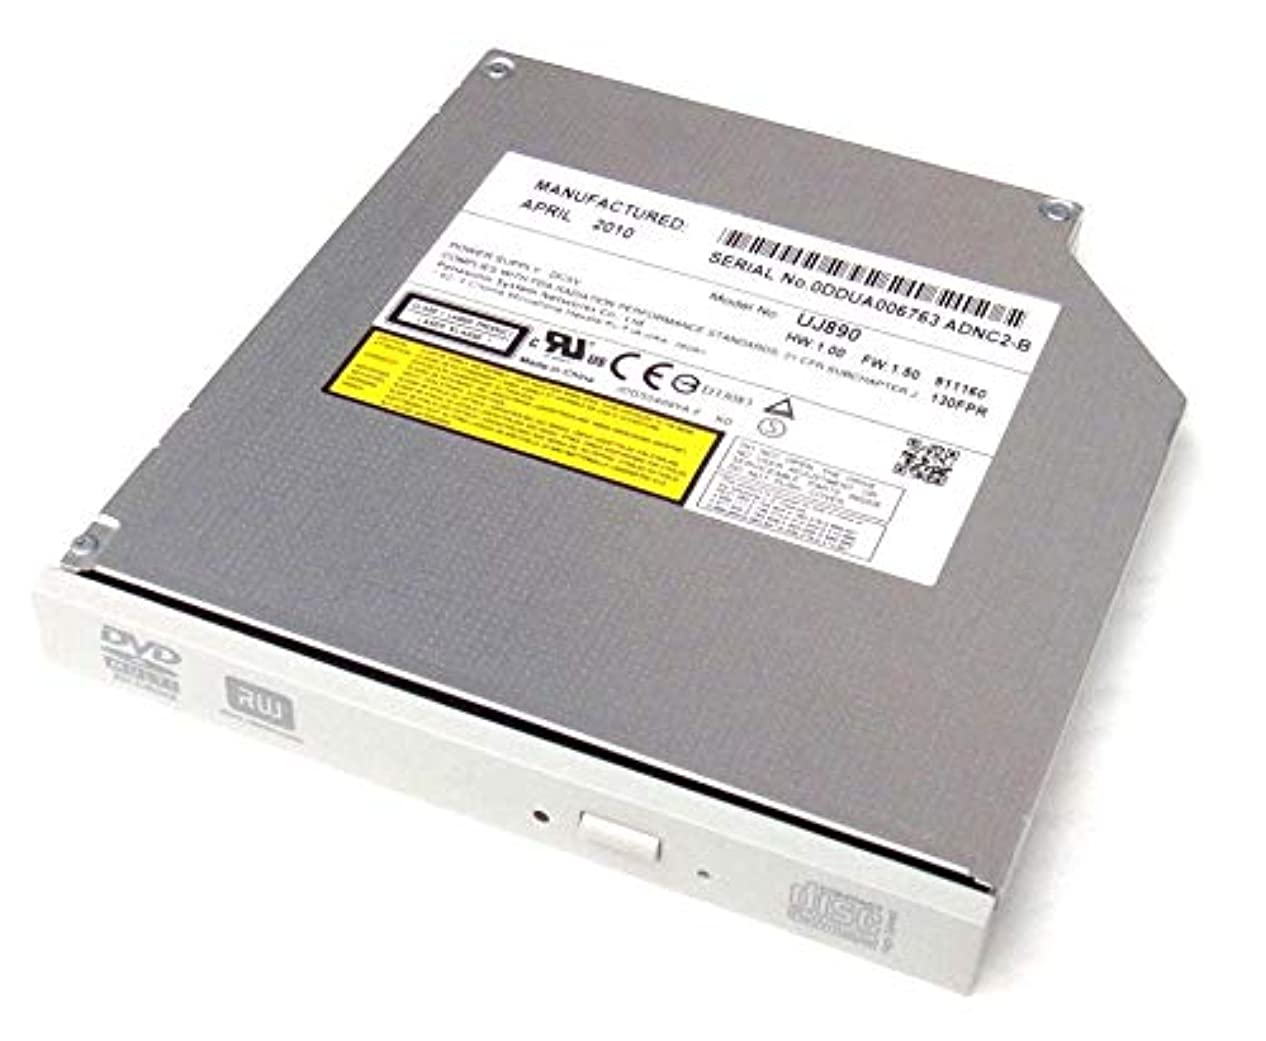 ドライバ老人やけどPanasonic DVDスーパーマルチドライブ UJ890 内蔵 SATA